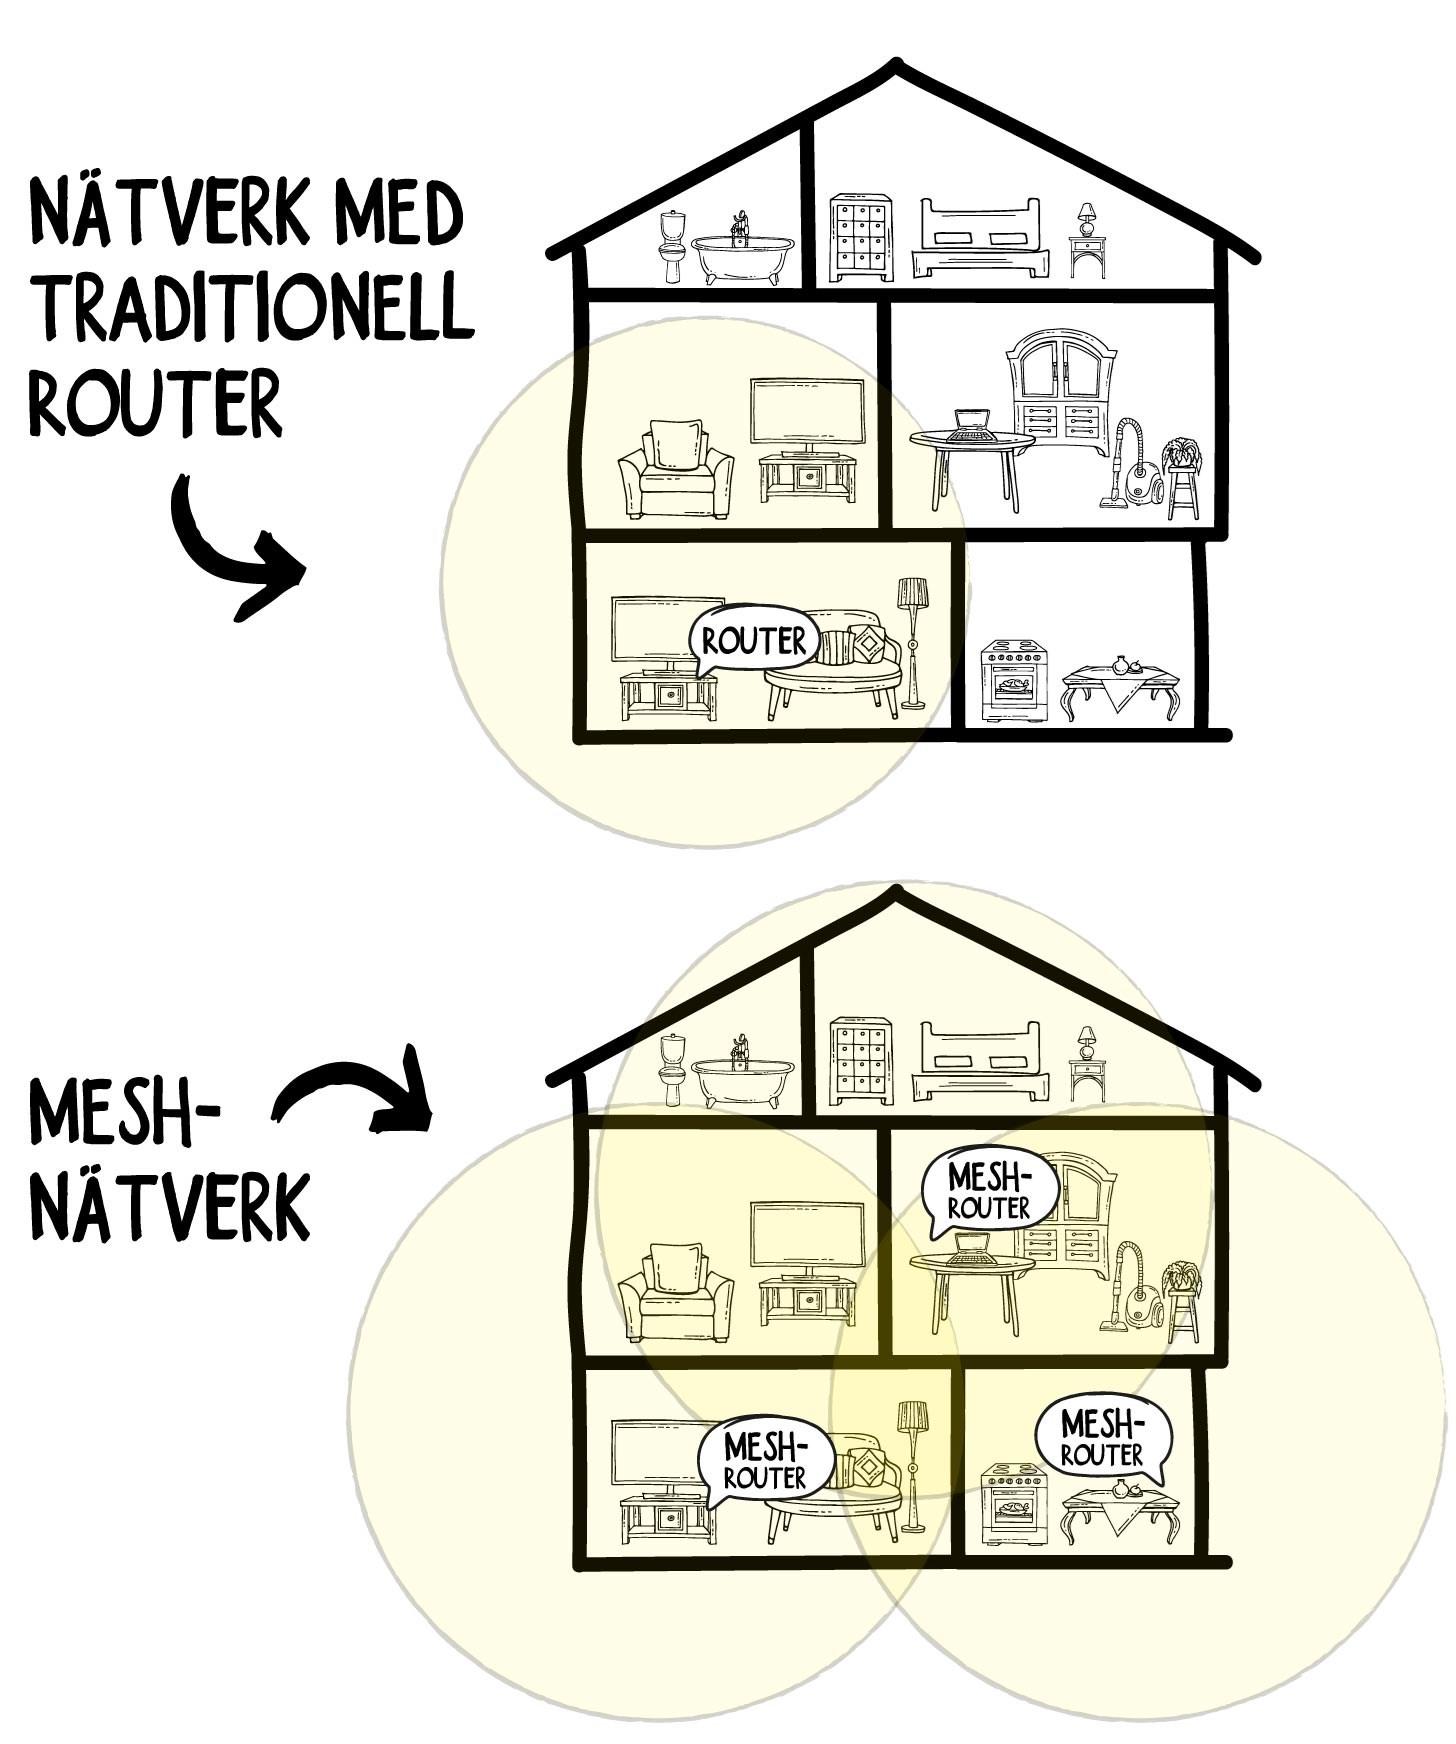 Skillnad mellan traditionellt nätverk och mesh-nätverk